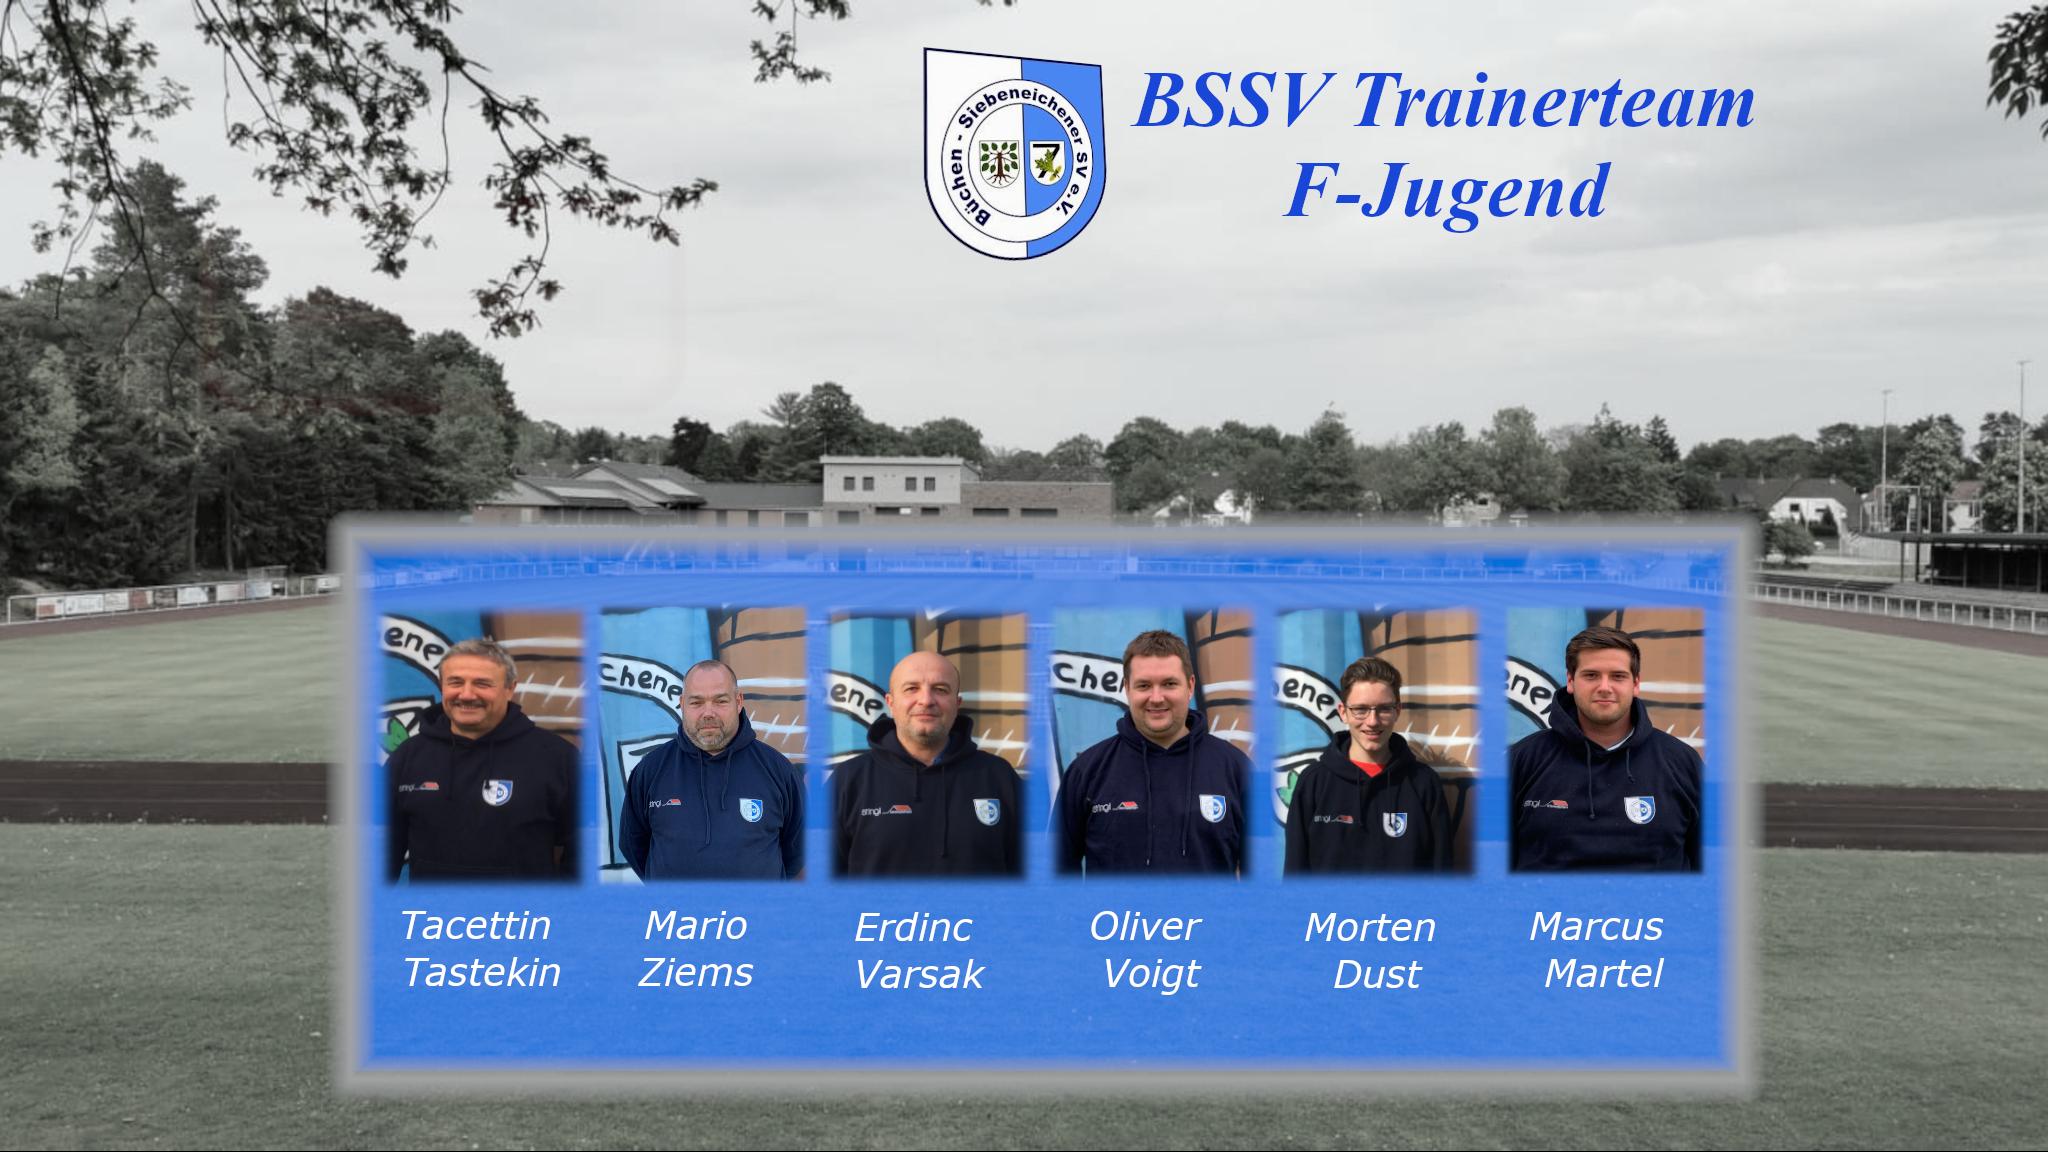 Das Trainerteam der F-Jugend des BSSVs